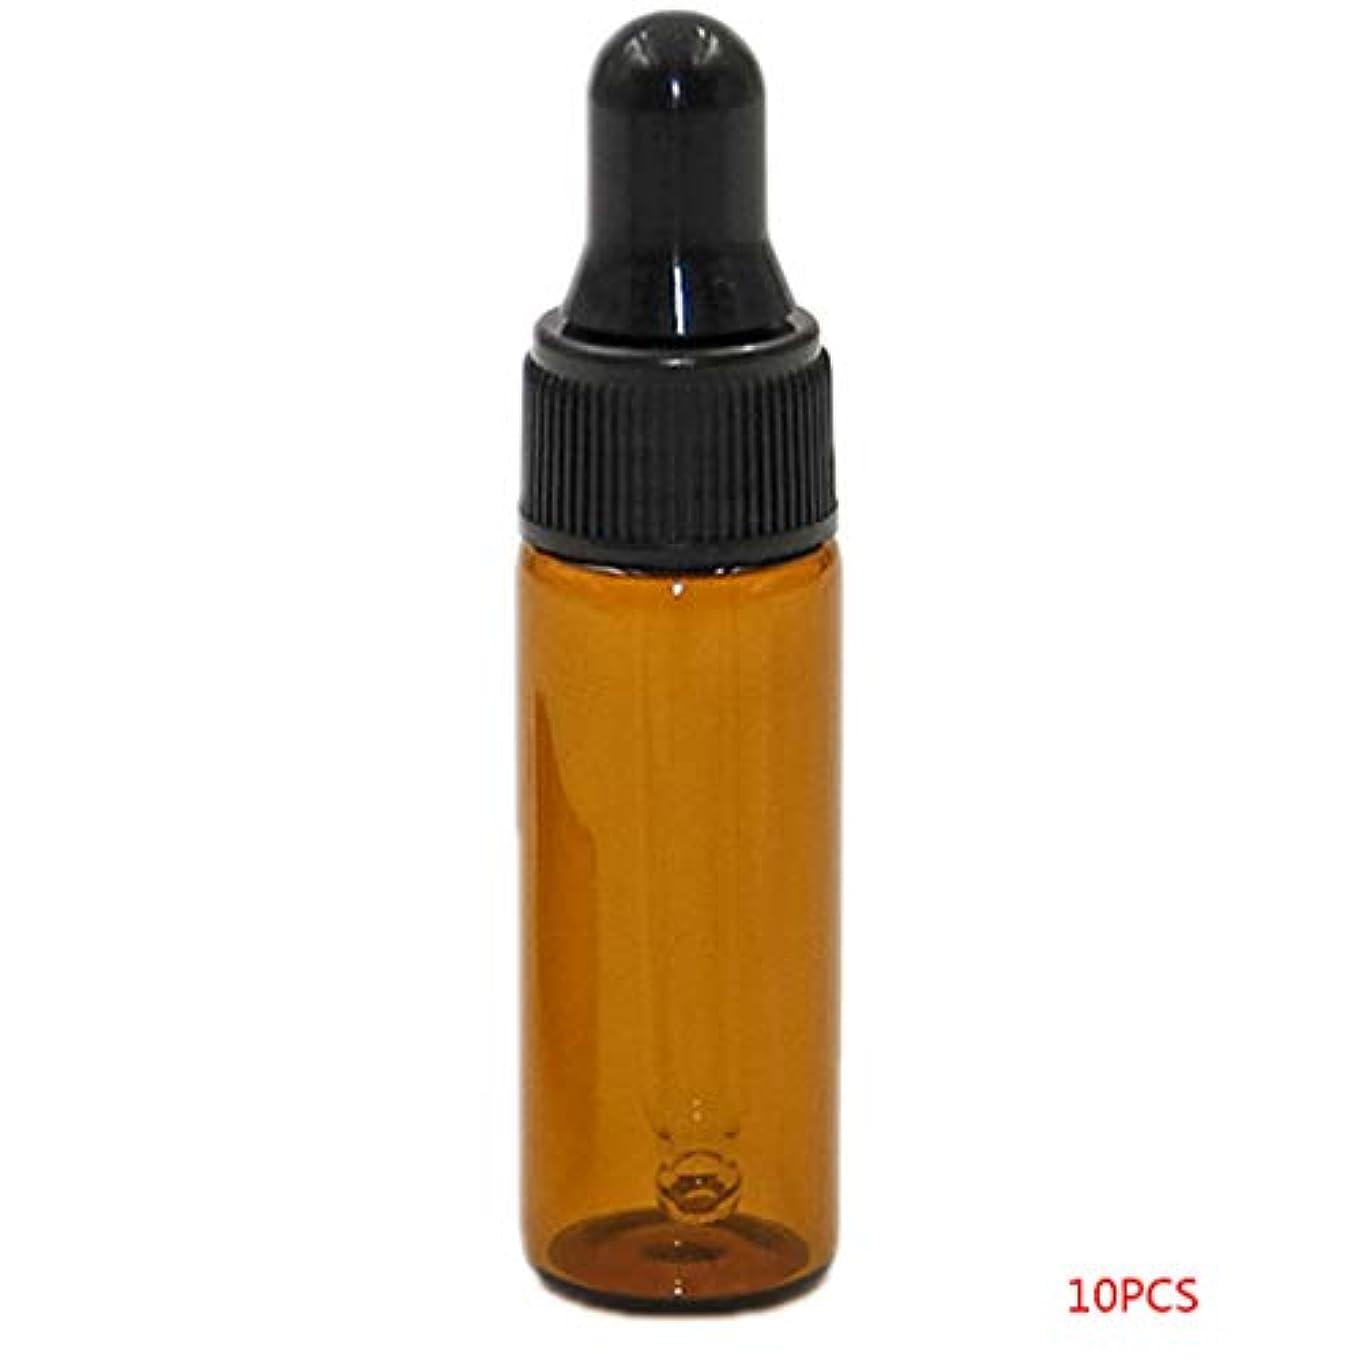 致命的文字予防接種するTopFires アロマオイル 精油 小分け用 遮光瓶 セット 茶 ガラス アロマ ボトル オイル 用 茶色 瓶 ビン エッセンシャルオイル 保存 詰替え 瓶 ビン